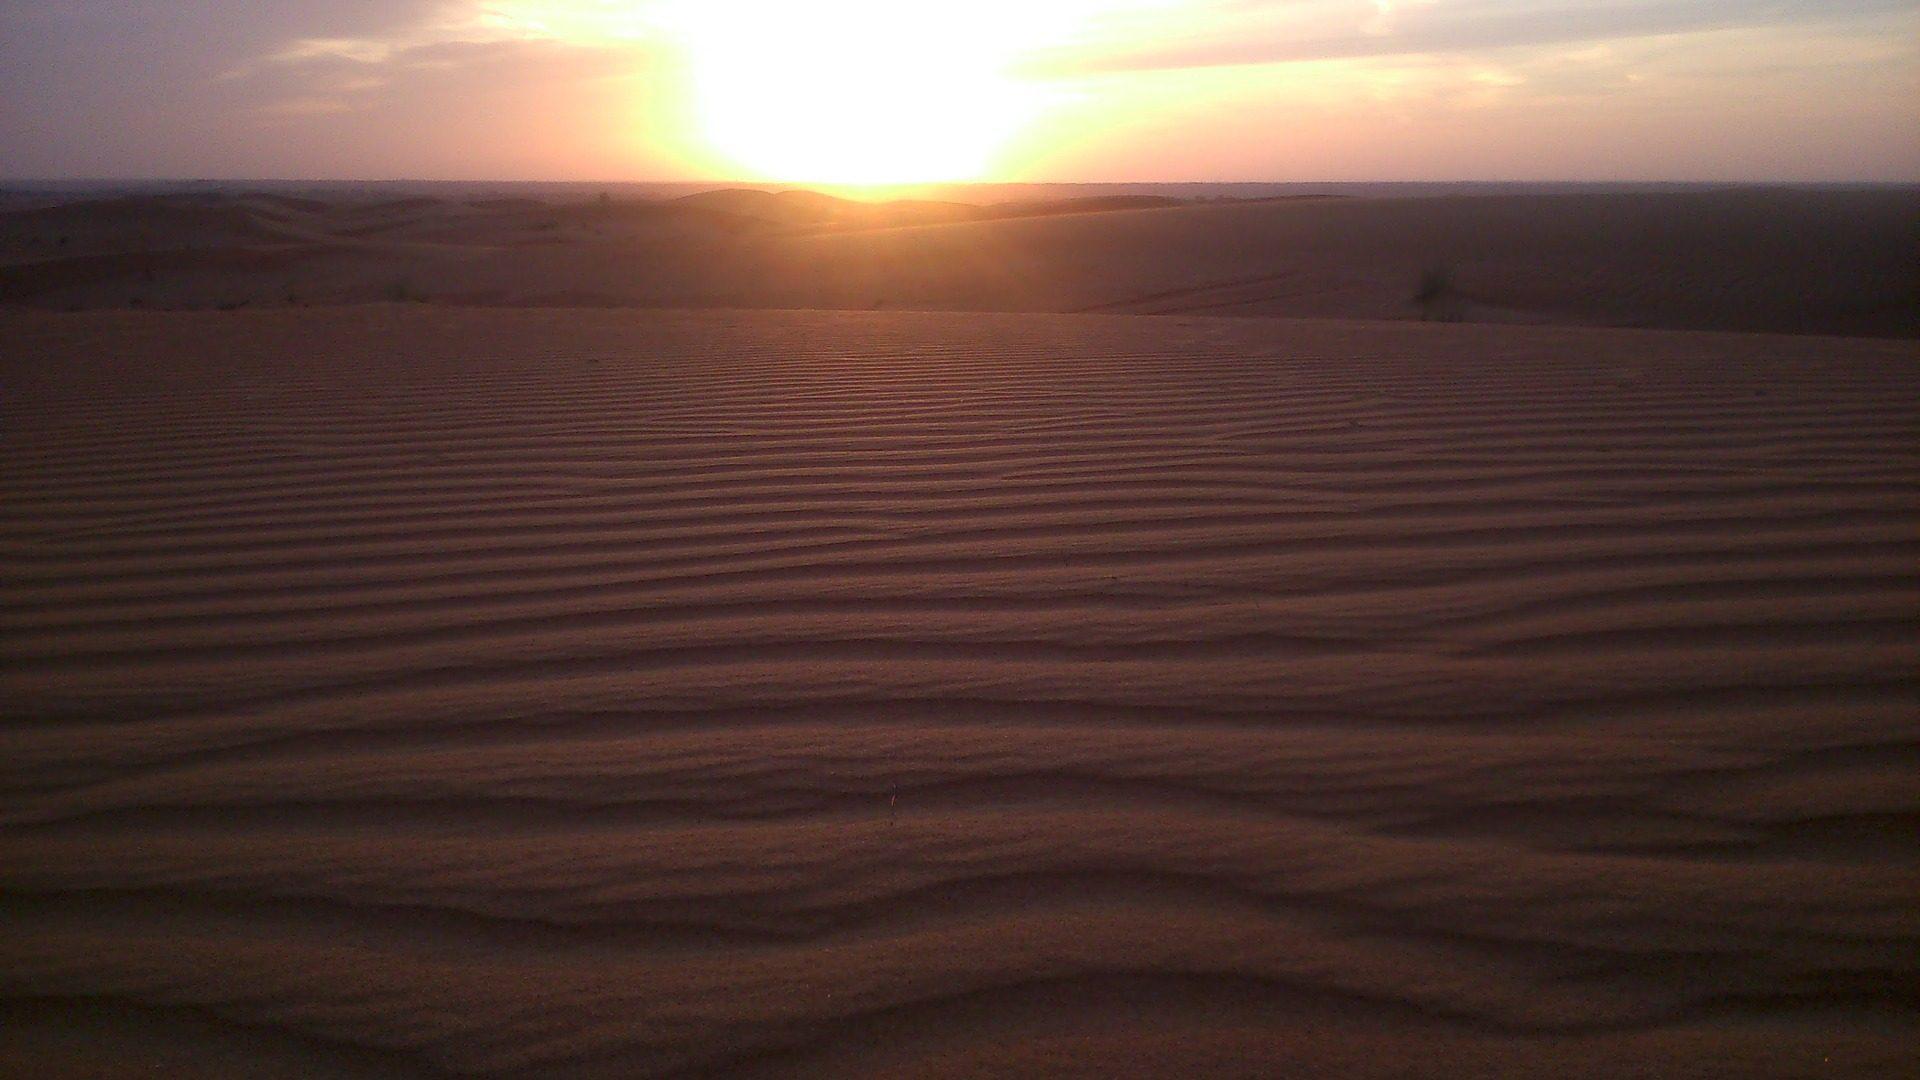 صحراء, الرمال, الأفق, الشمس, غروب الشمس - خلفيات عالية الدقة - أستاذ falken.com